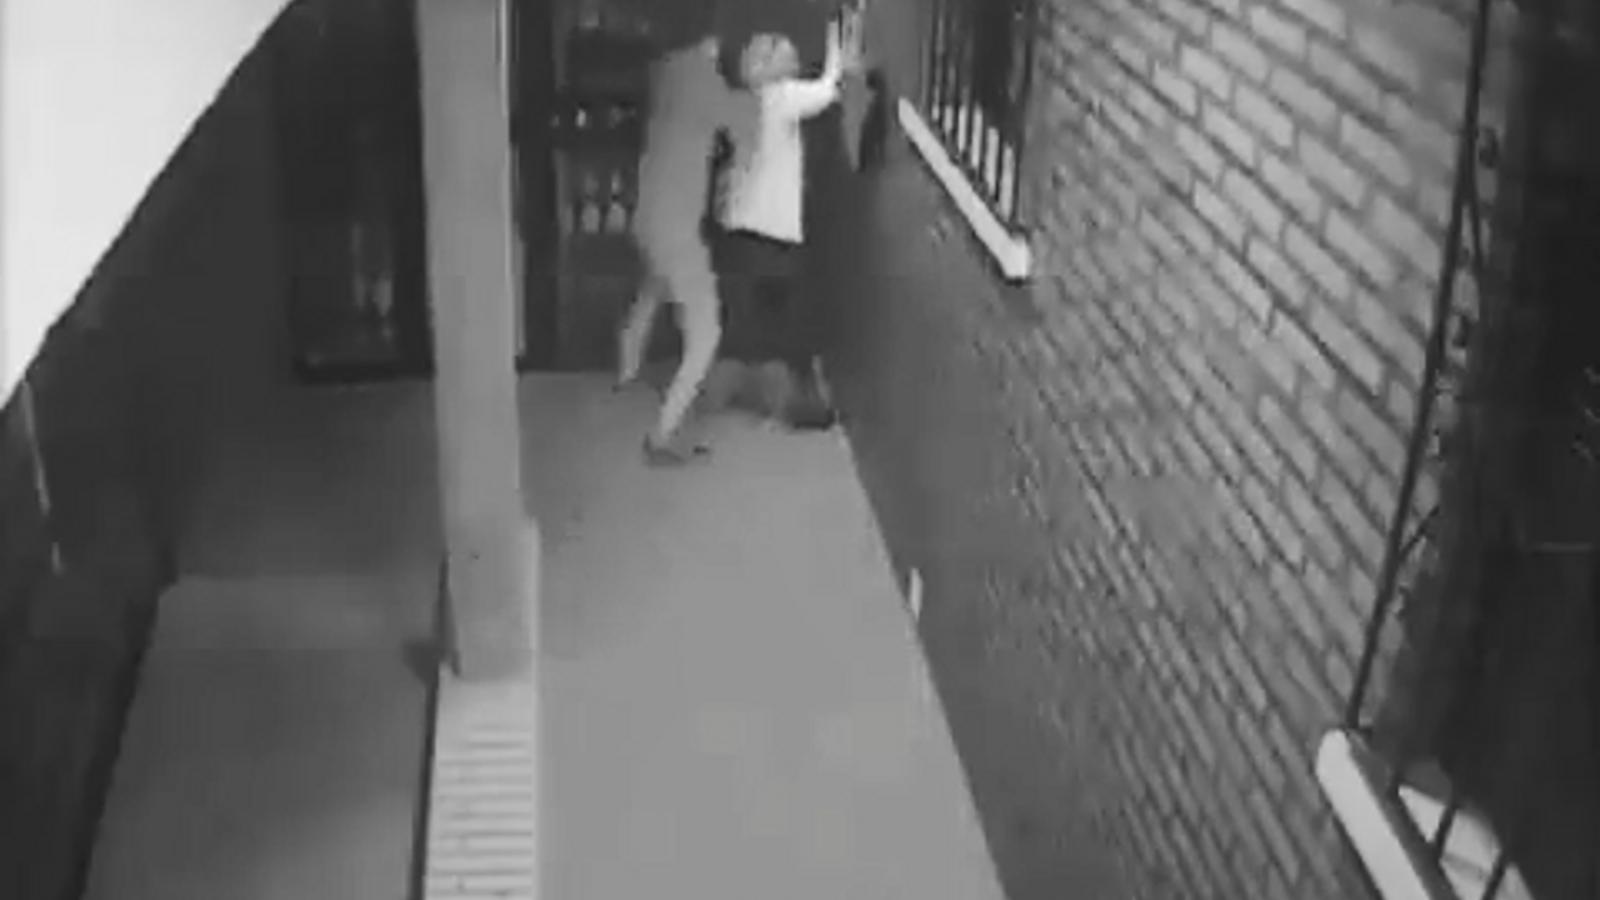 Detingut l'autor d'una brutal agressió a una dona per robar-li la bossa